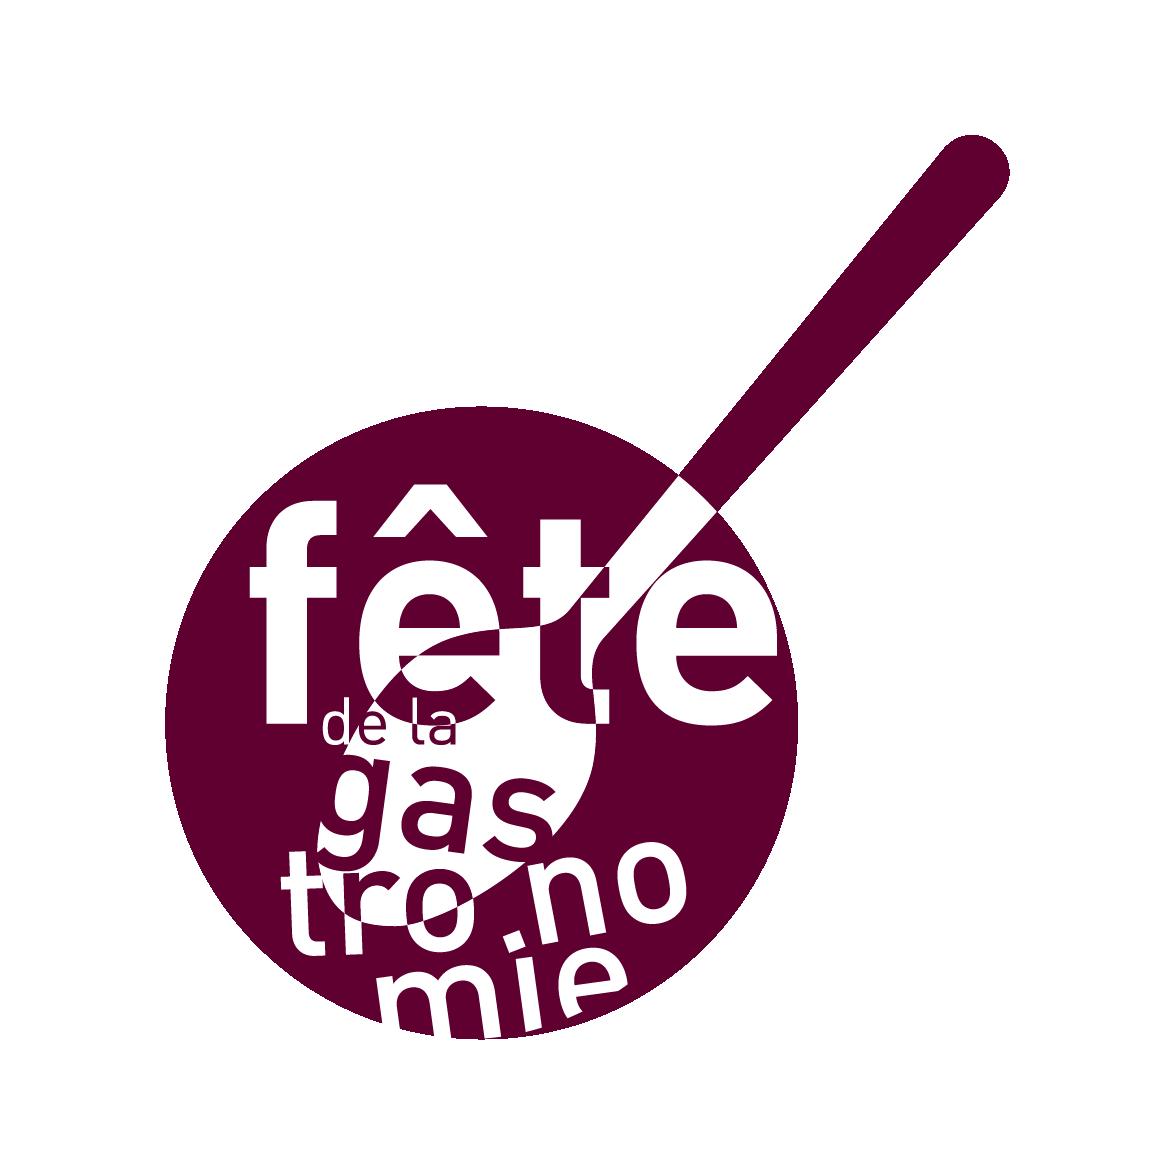 Festa della gastronomia francese 2016